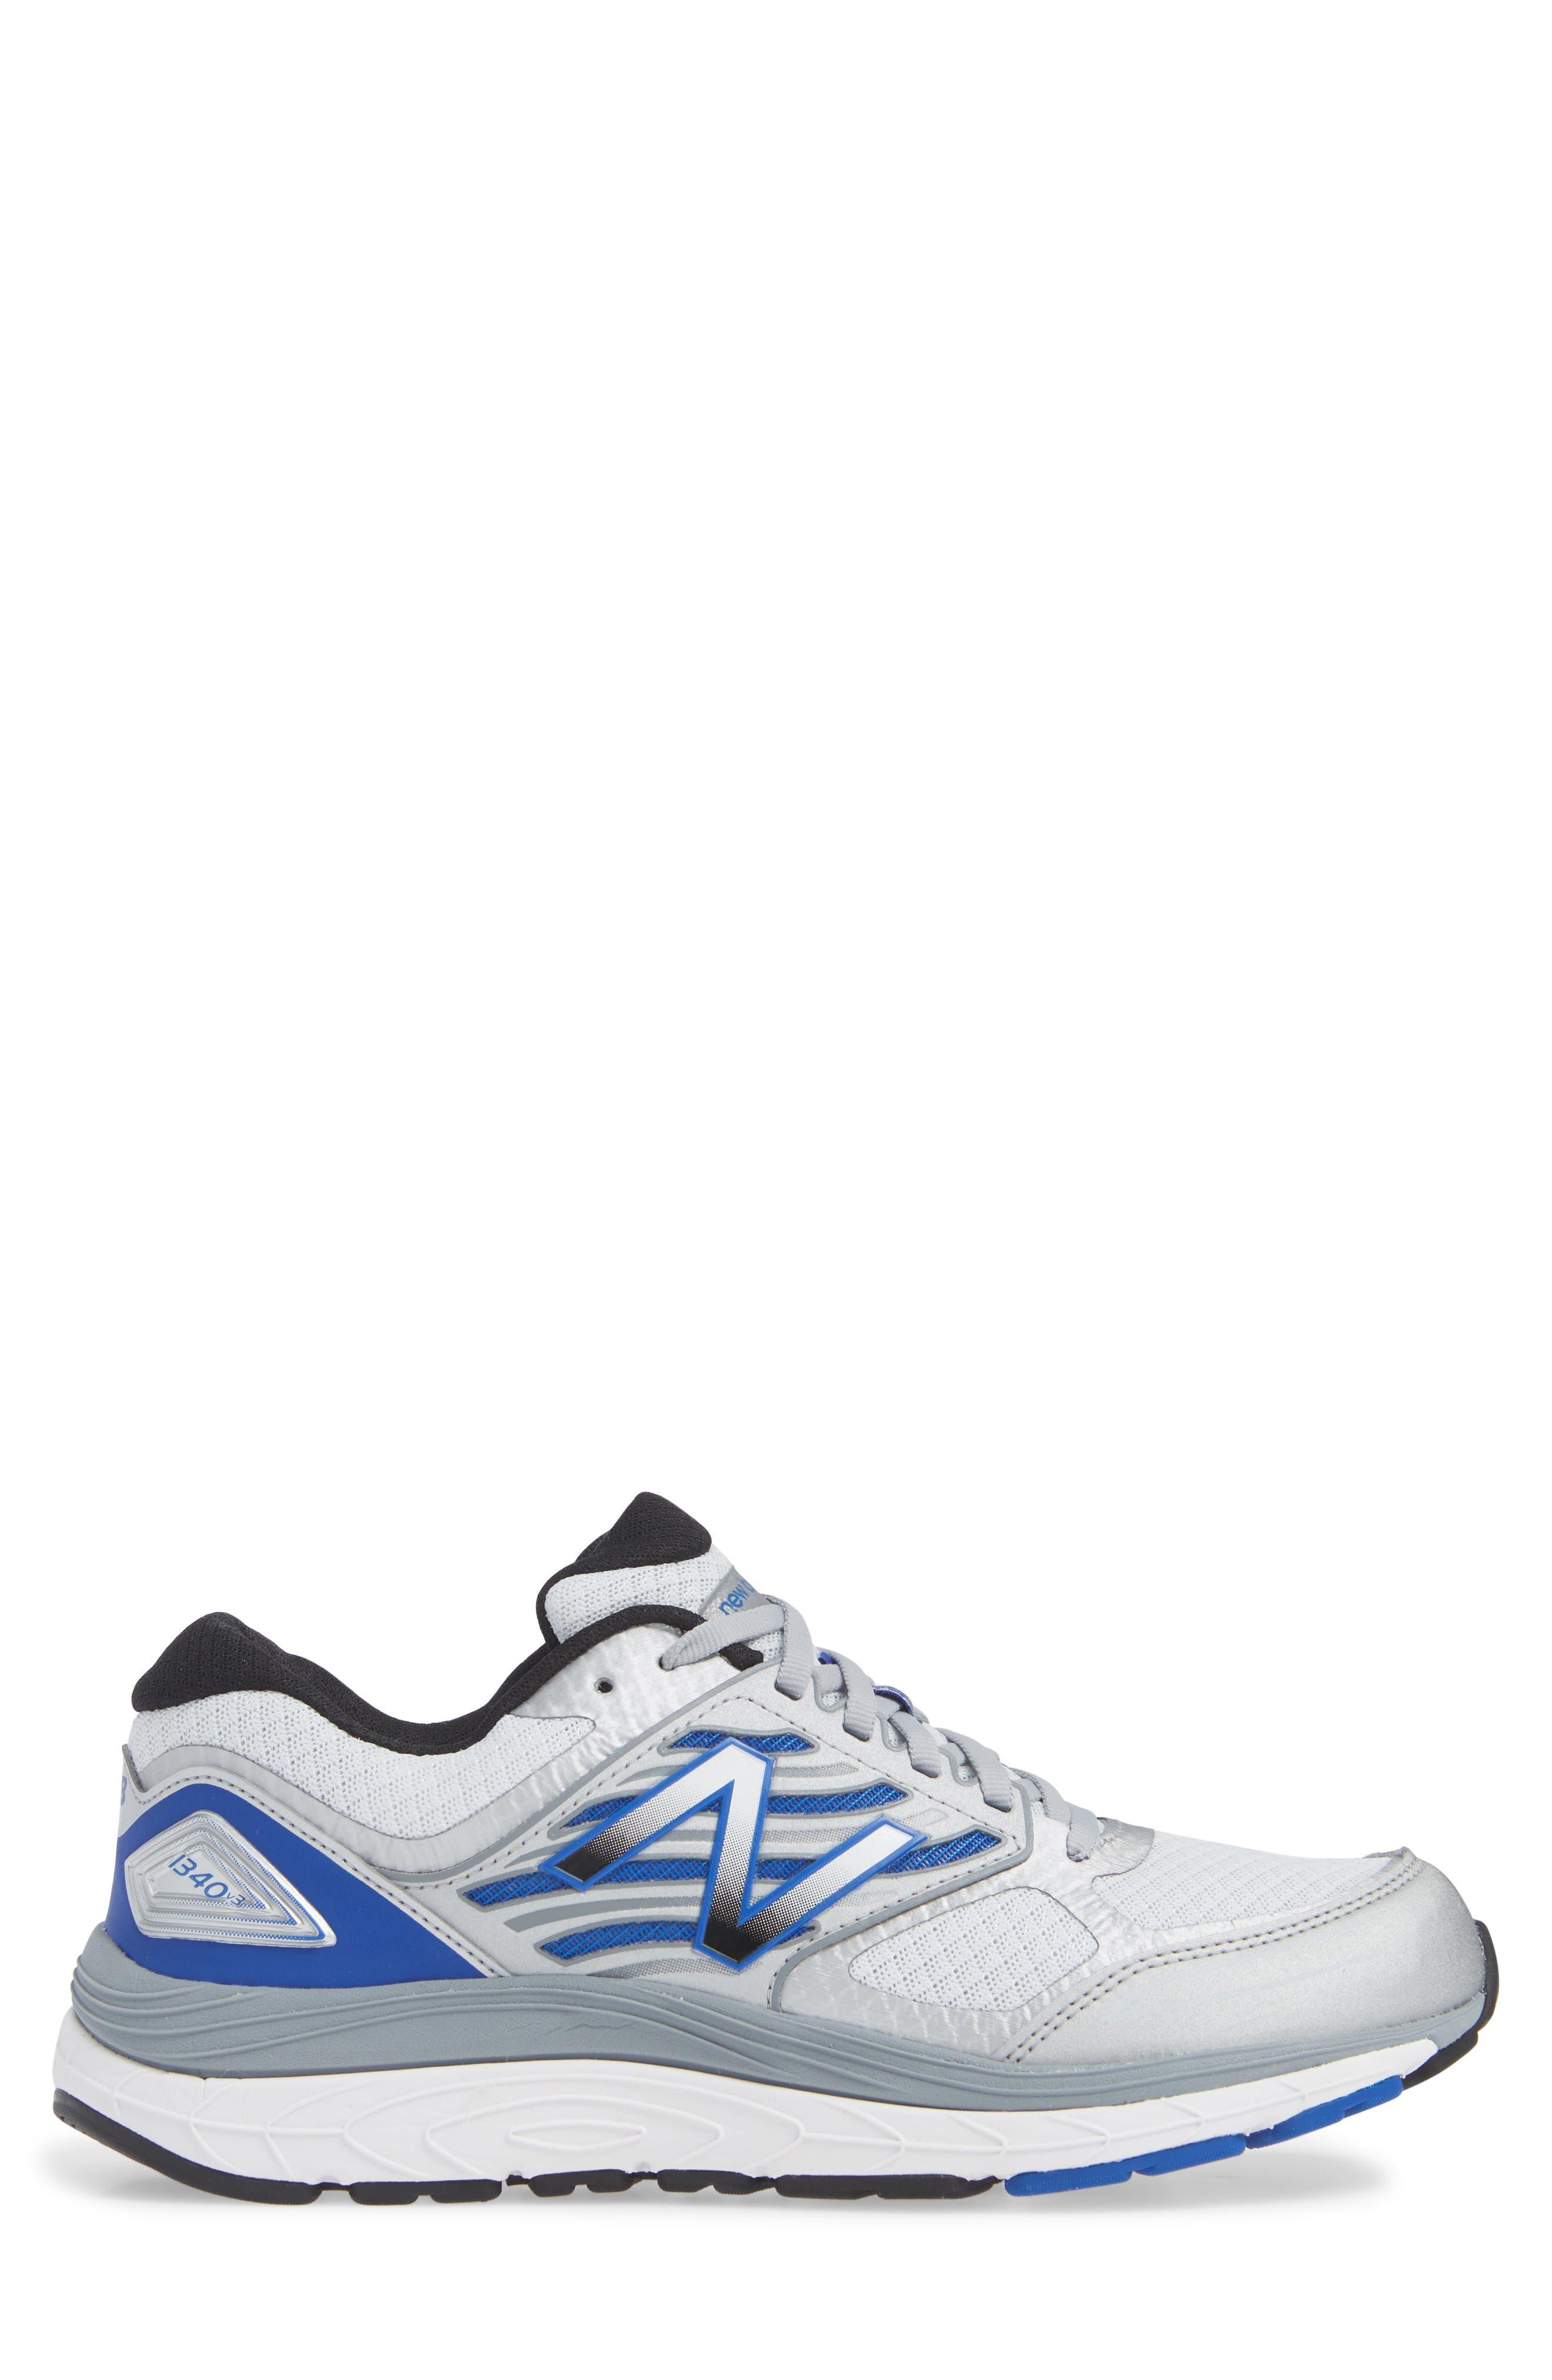 1340v3 Running Shoe,                             Alternate thumbnail 3, color,                             WHITE